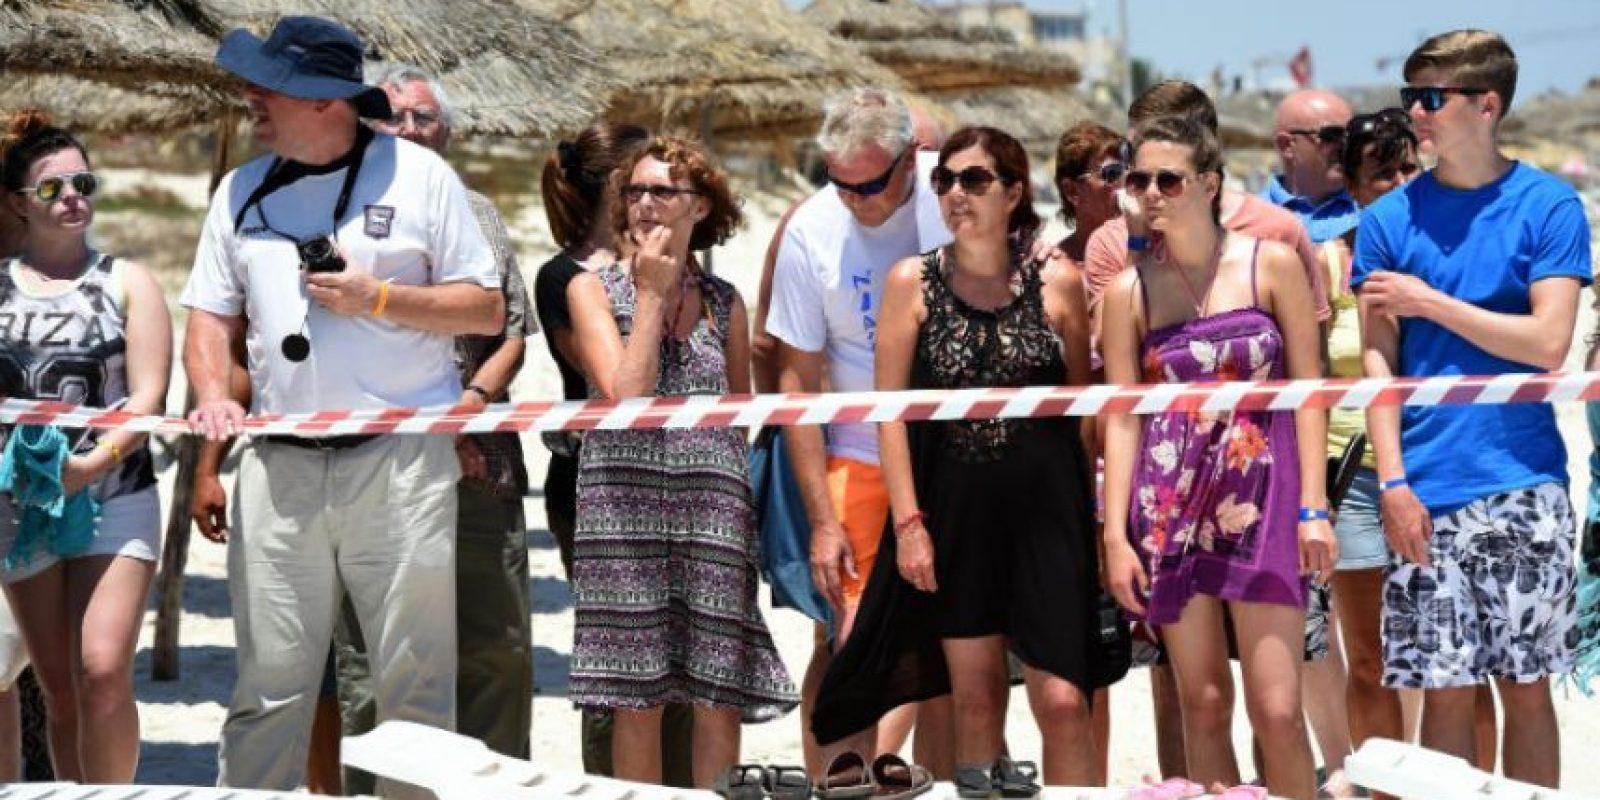 El Secretario de Relaciones Exteriores, Philip Hammond, afirmó que al menos tres mil británicos se encuentran en Túnez. Foto:AFP